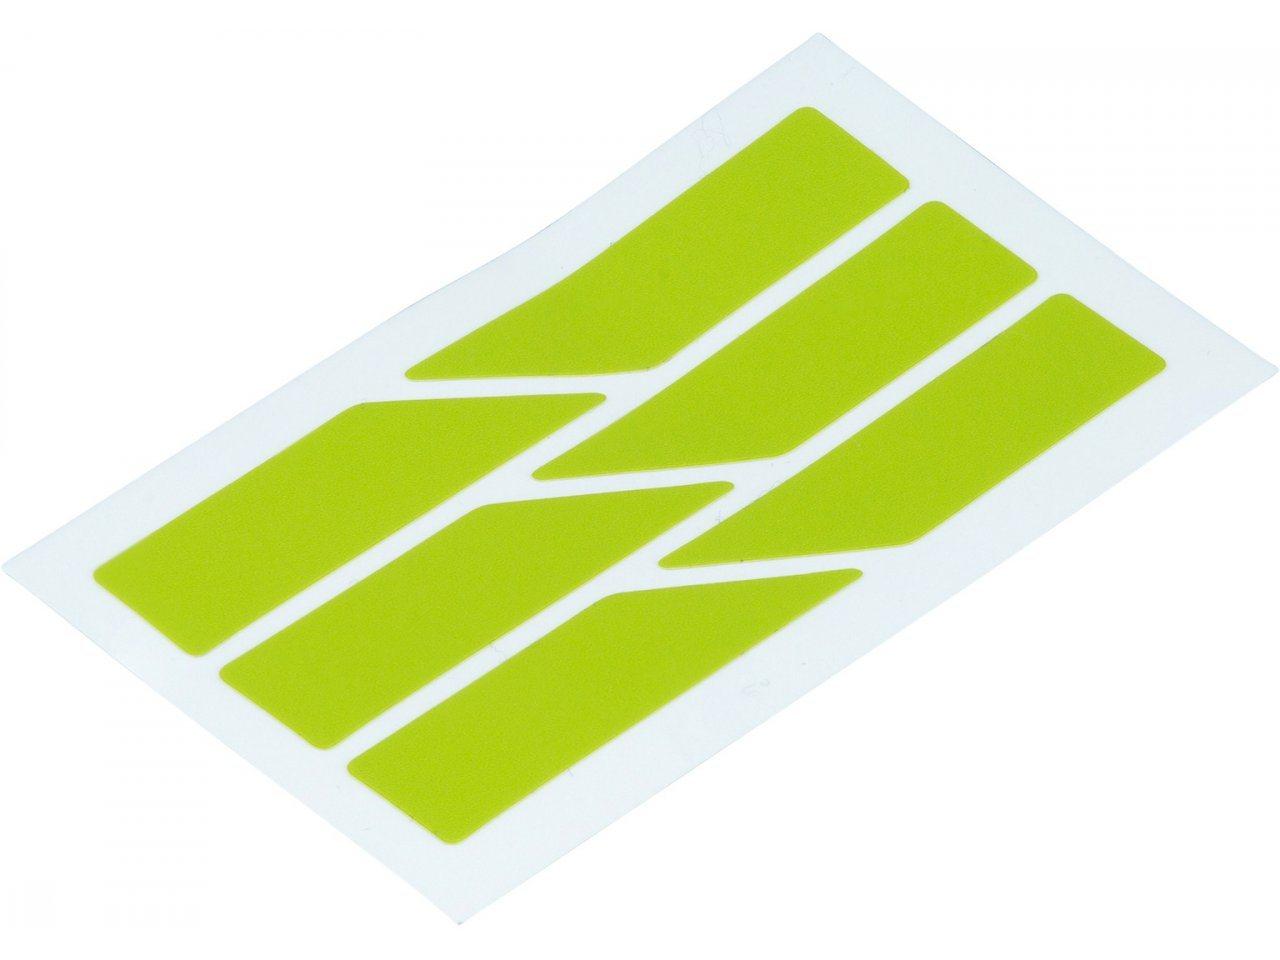 Strumento per installazione tacchette Ergon TP1 - adesivi